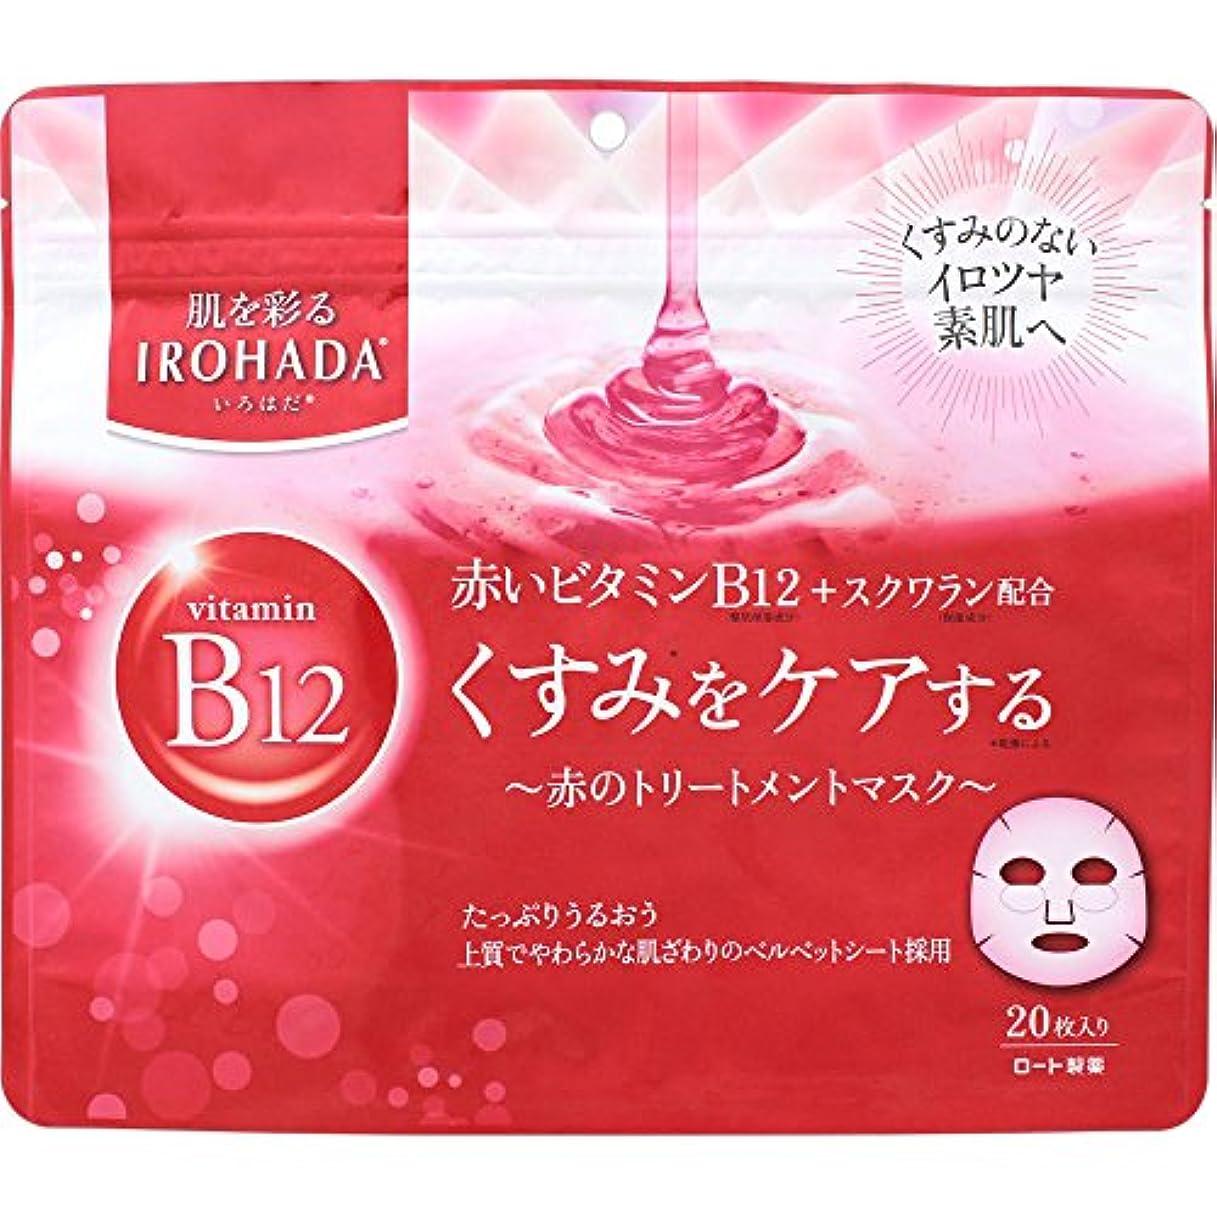 中間パーツはがきロート製薬 いろはだ (IROHADA) 赤いビタミンB12×スクワラン配合 トリートメントマスク 20枚入り